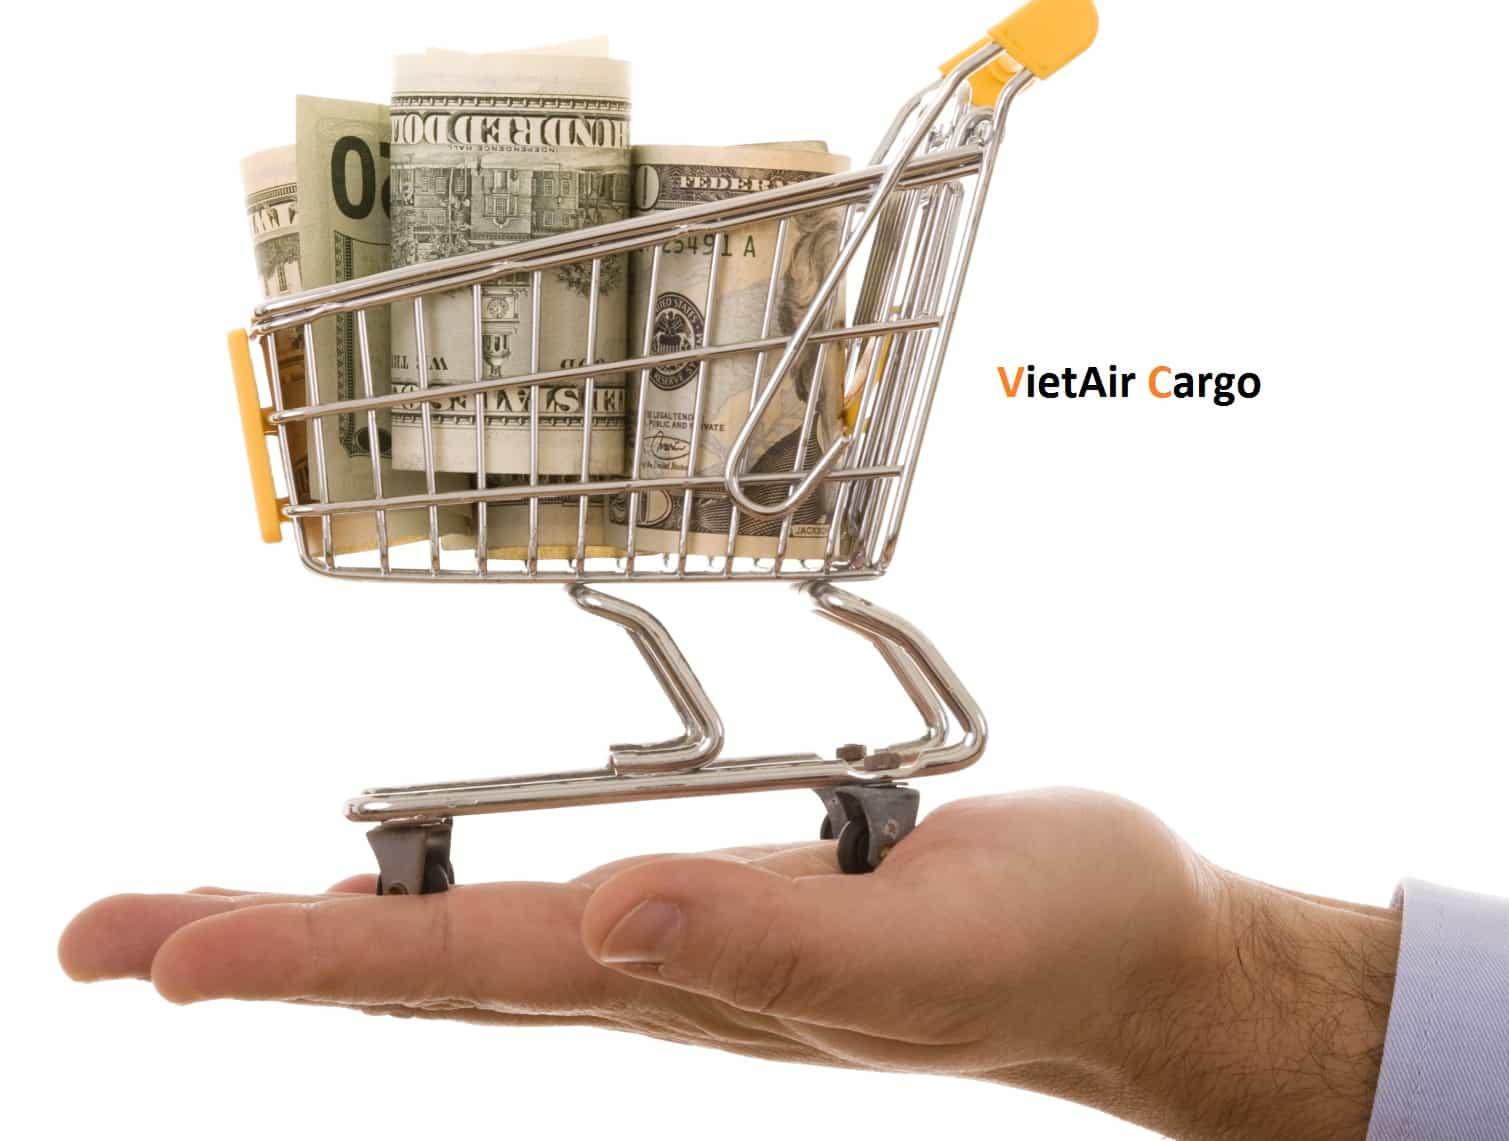 dich-vu-mua-hang-my-uy-tin-nhat-viet-nam-hien-nay Dịch vụ mua hàng Mỹ uy tín của VietAir Cargo